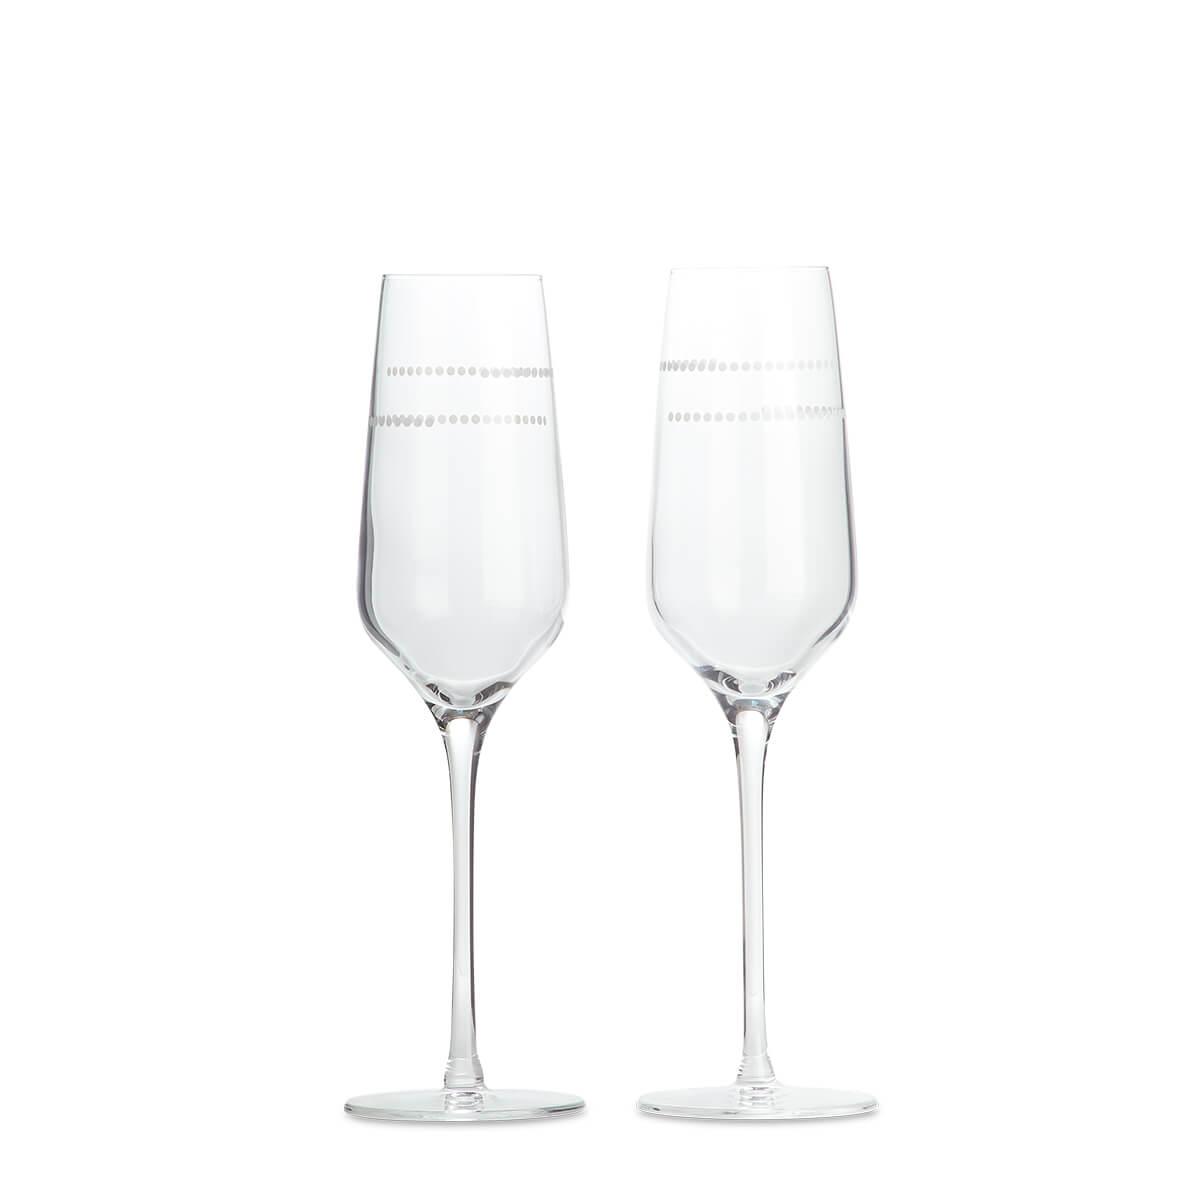 Portion Control Champagne Flutes - alt1